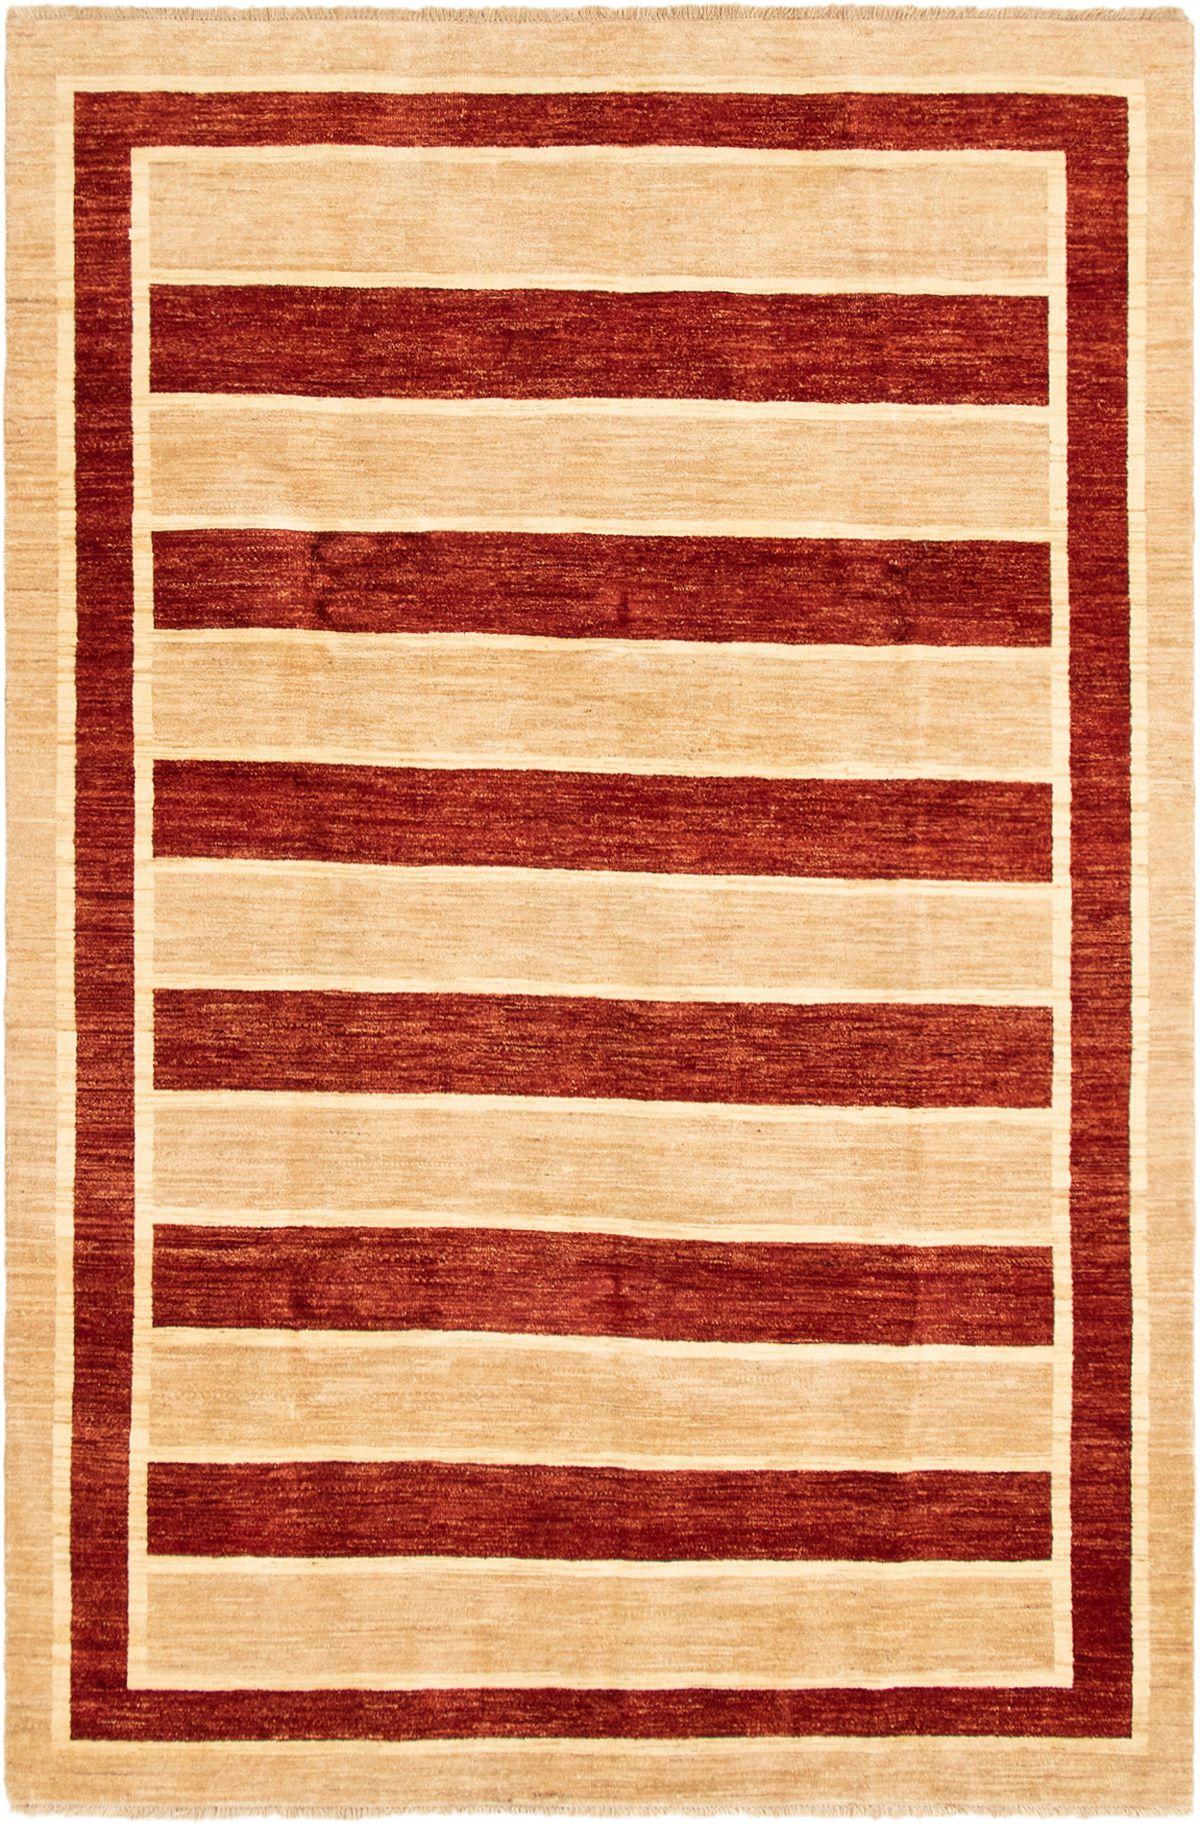 """Hand-knotted Finest Ziegler Chobi Beige, Dark Red Wool Rug 6'0"""" x 9'0"""" Size: 6'0"""" x 9'0"""""""